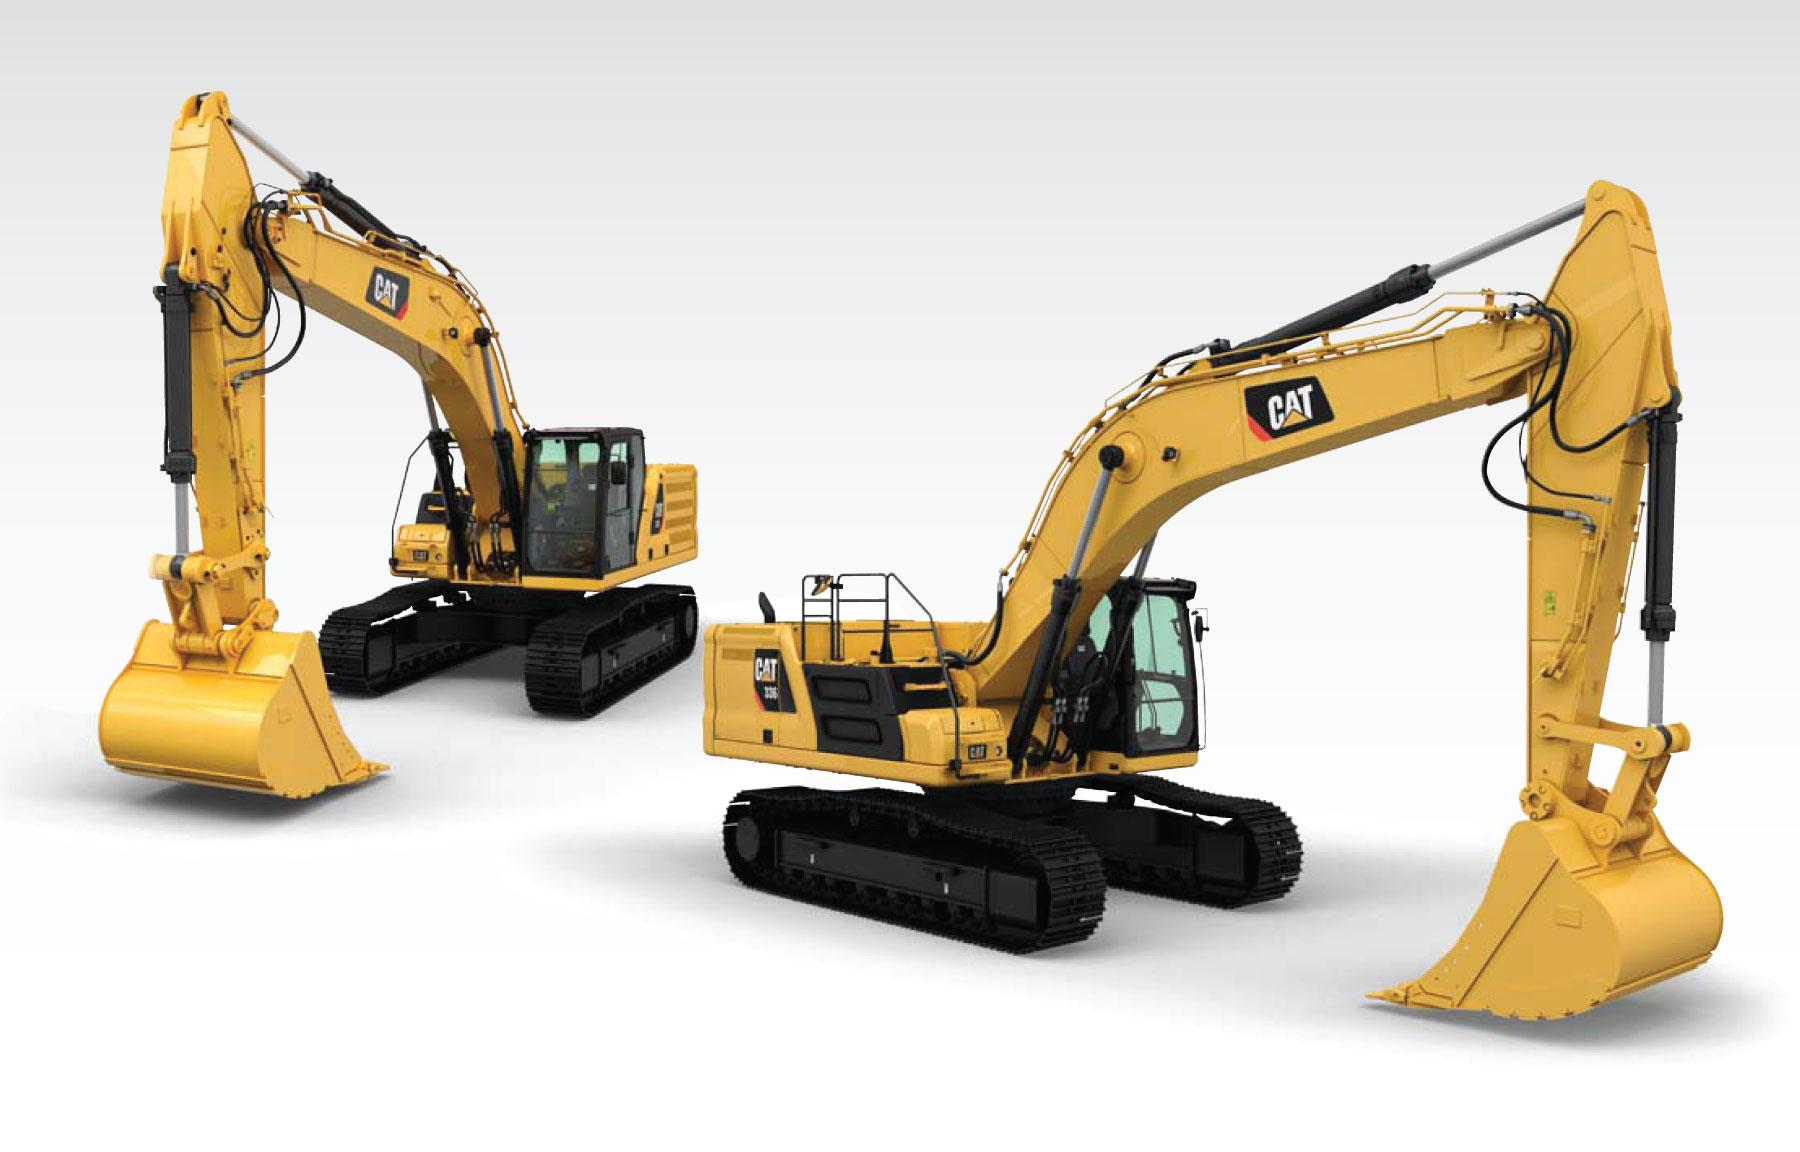 Cat® 336 excavators